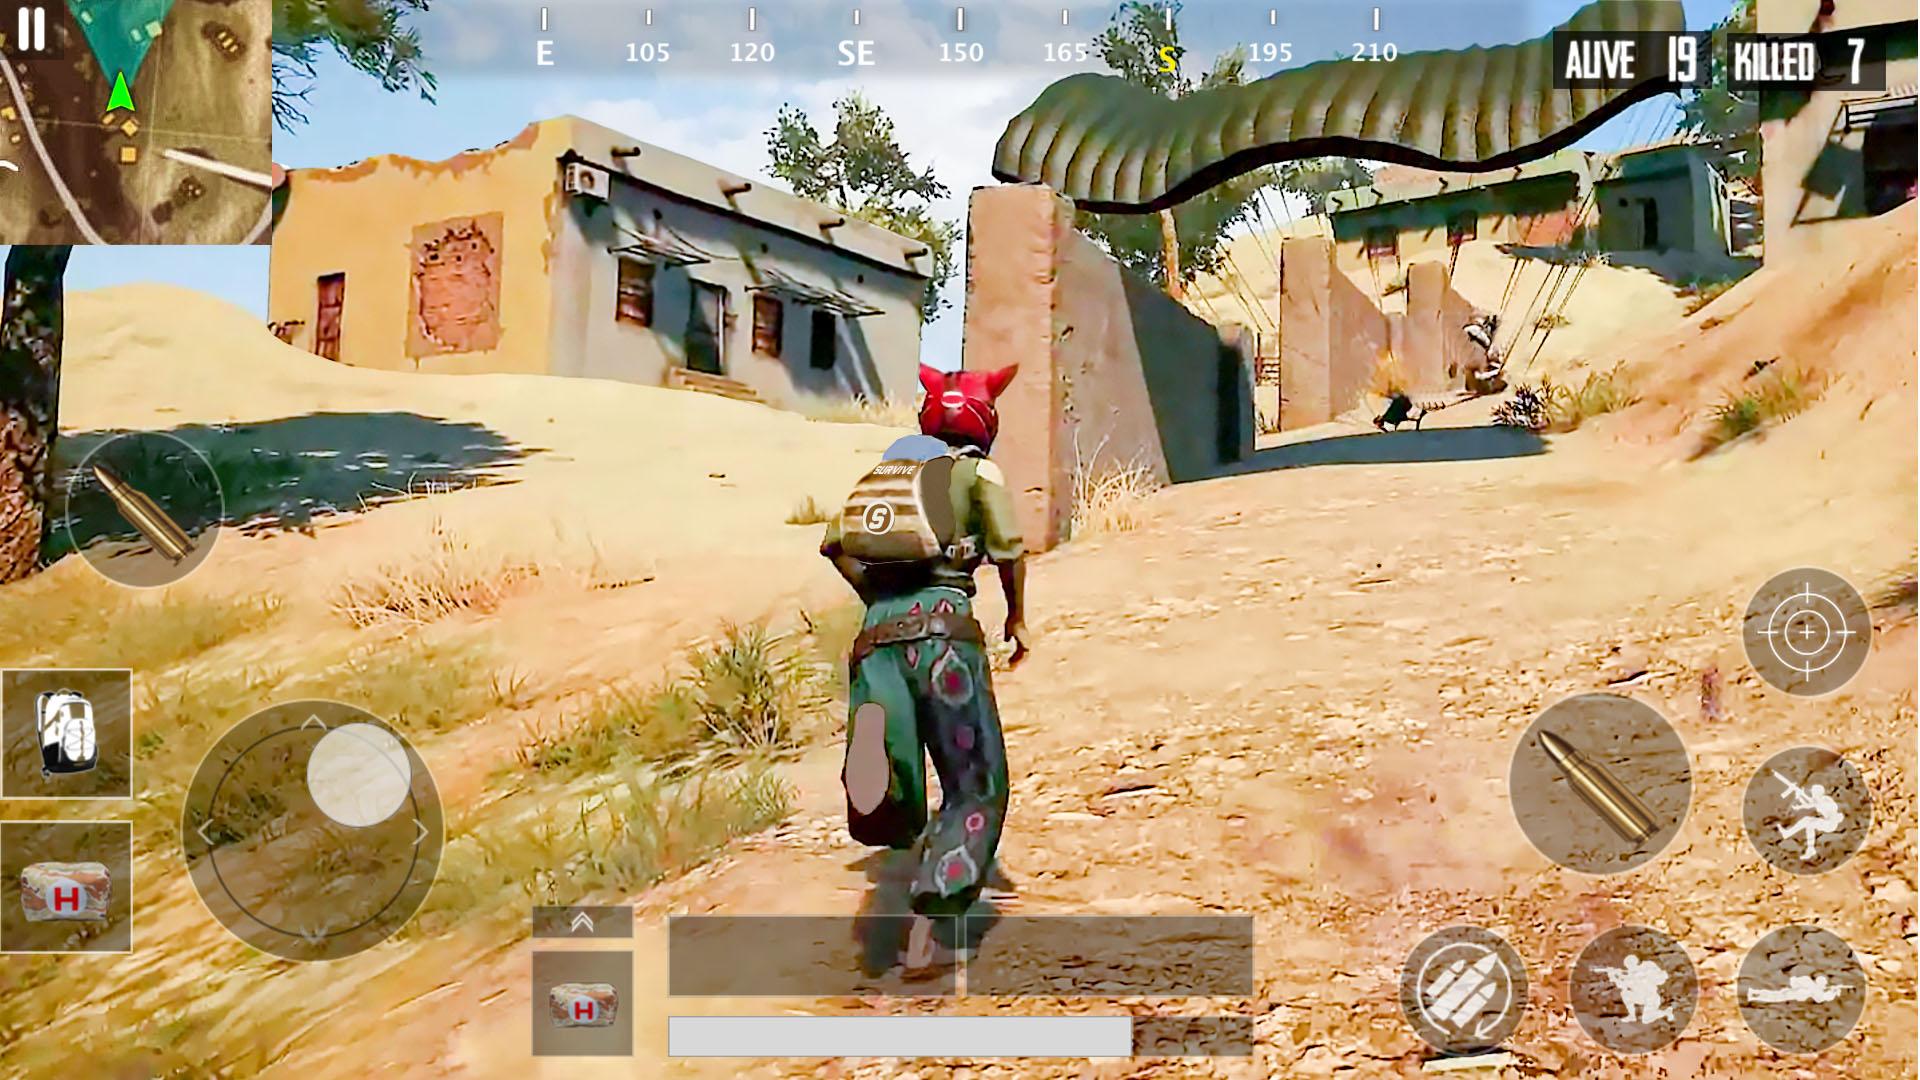 Squad Survival Free Fire Battleground Survival War